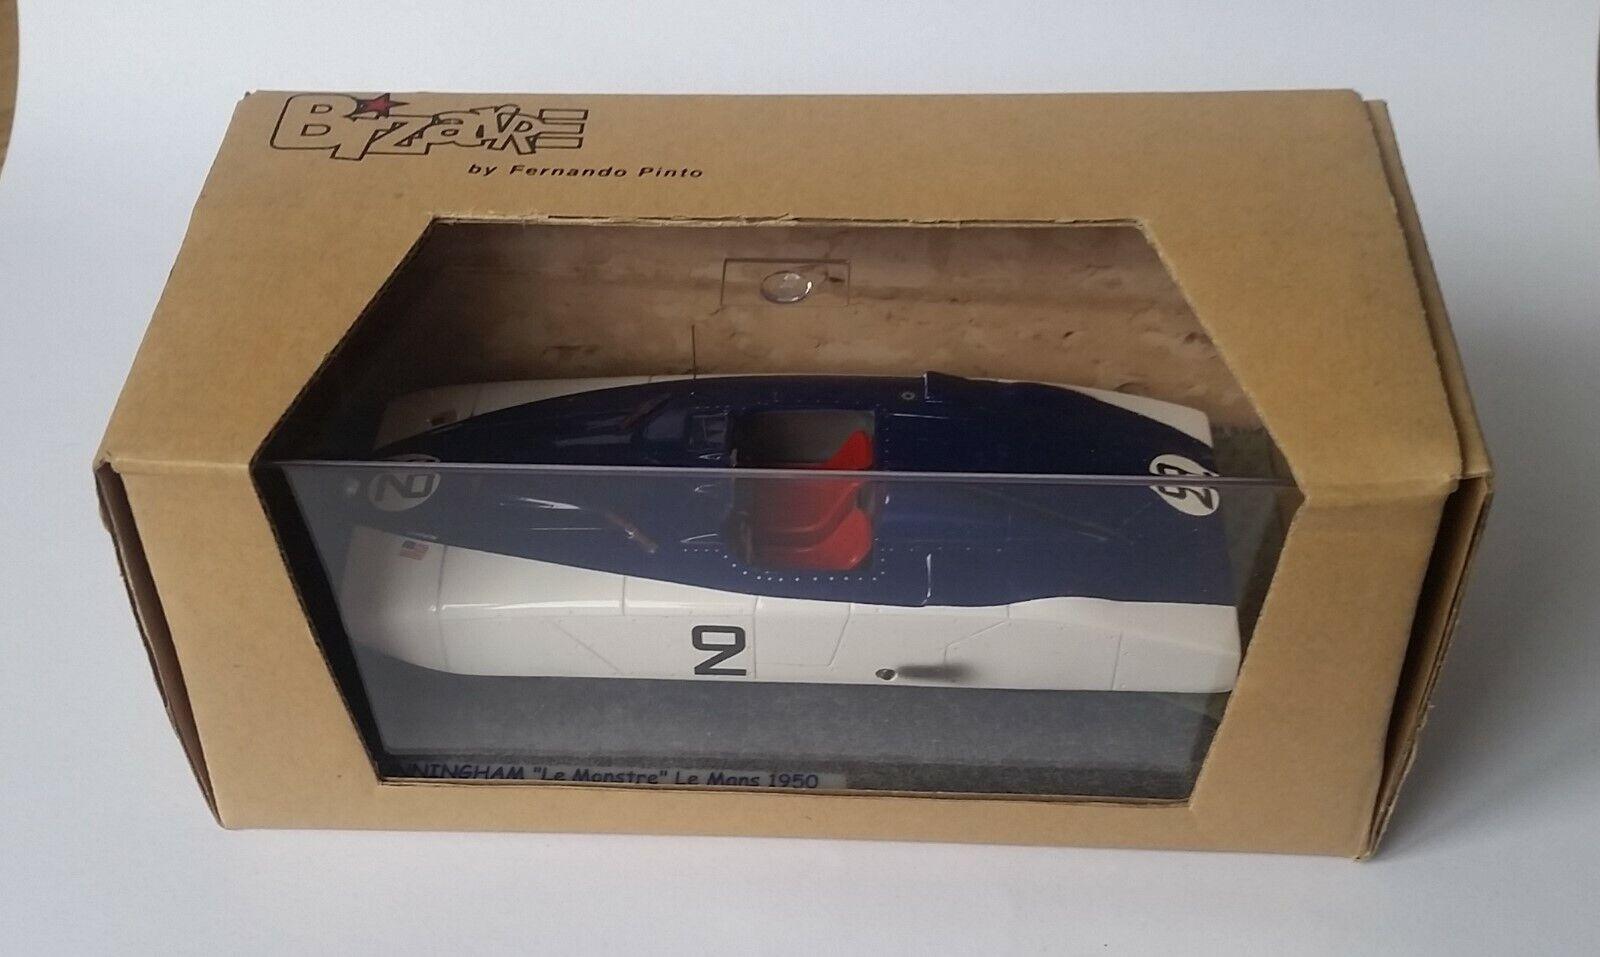 Cunningham  Le Monstre  24h Le Mans 1950  2 1 43 Bizarre BZ3 Ultra RARE    MiB